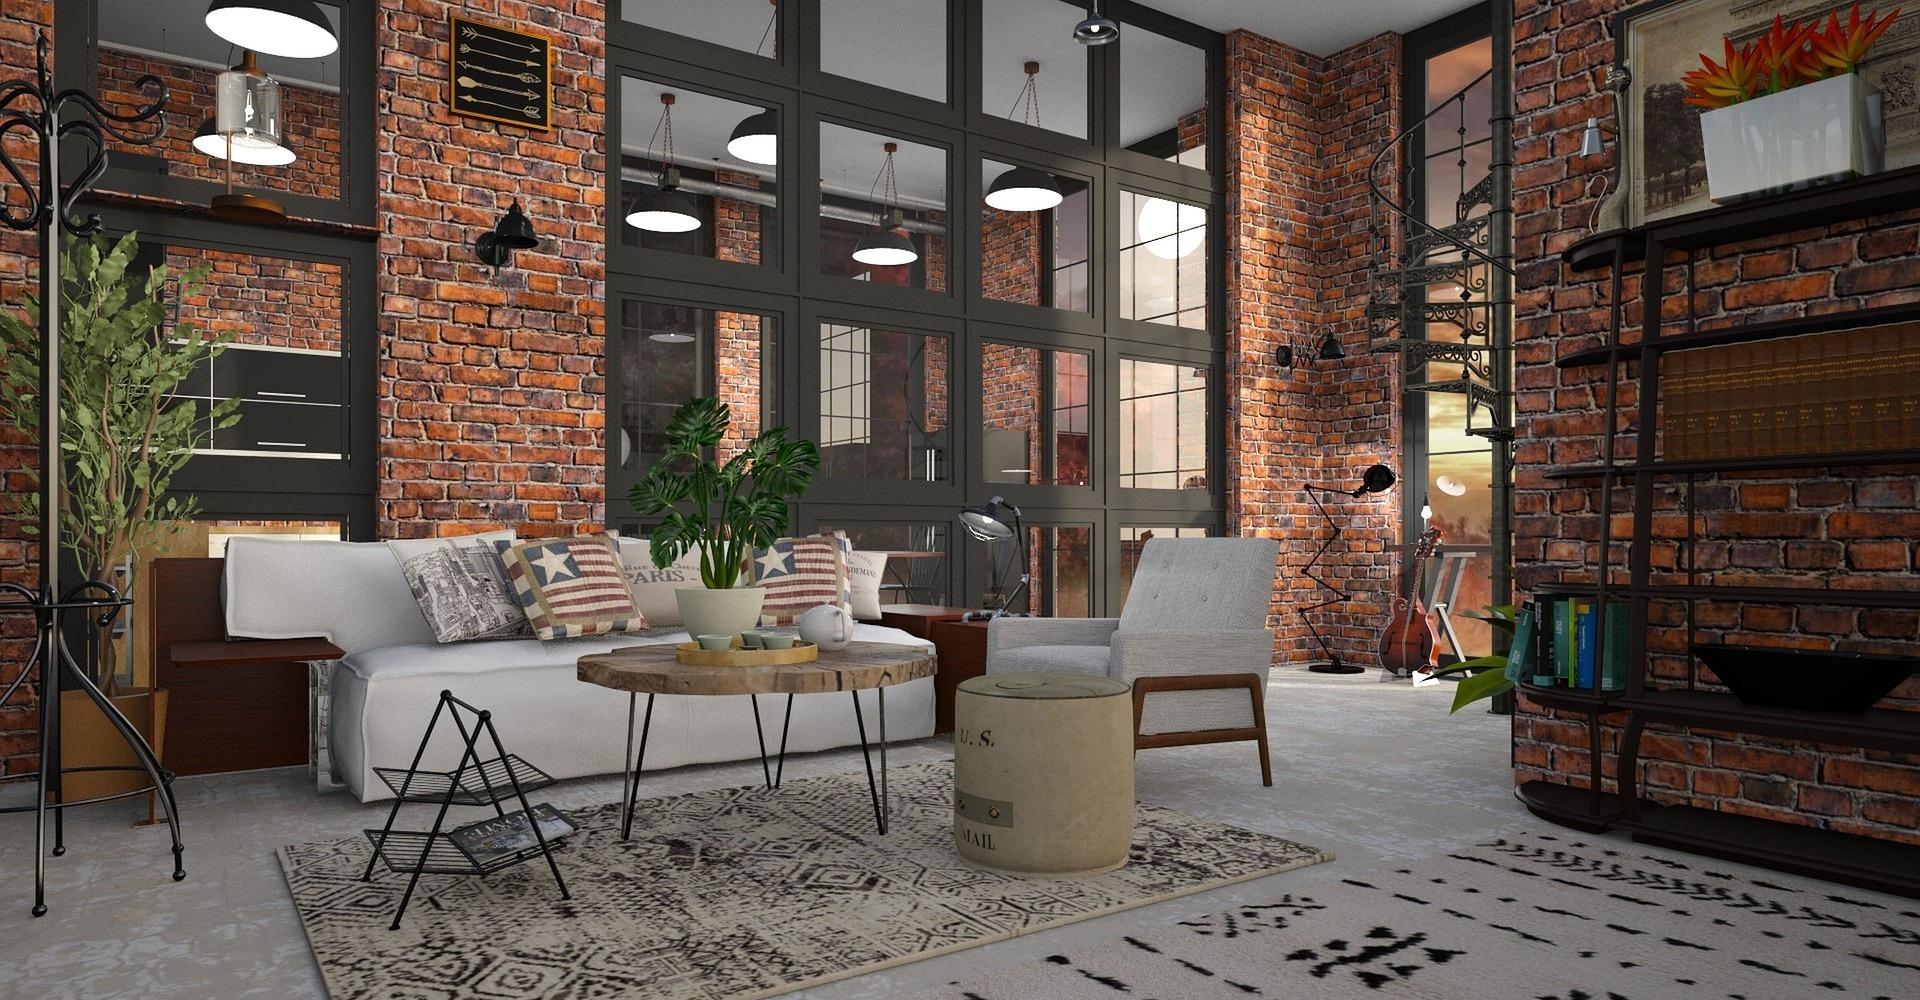 Mit Home-Ex Immobilien Loft-Wohnung verkaufen - kaufen